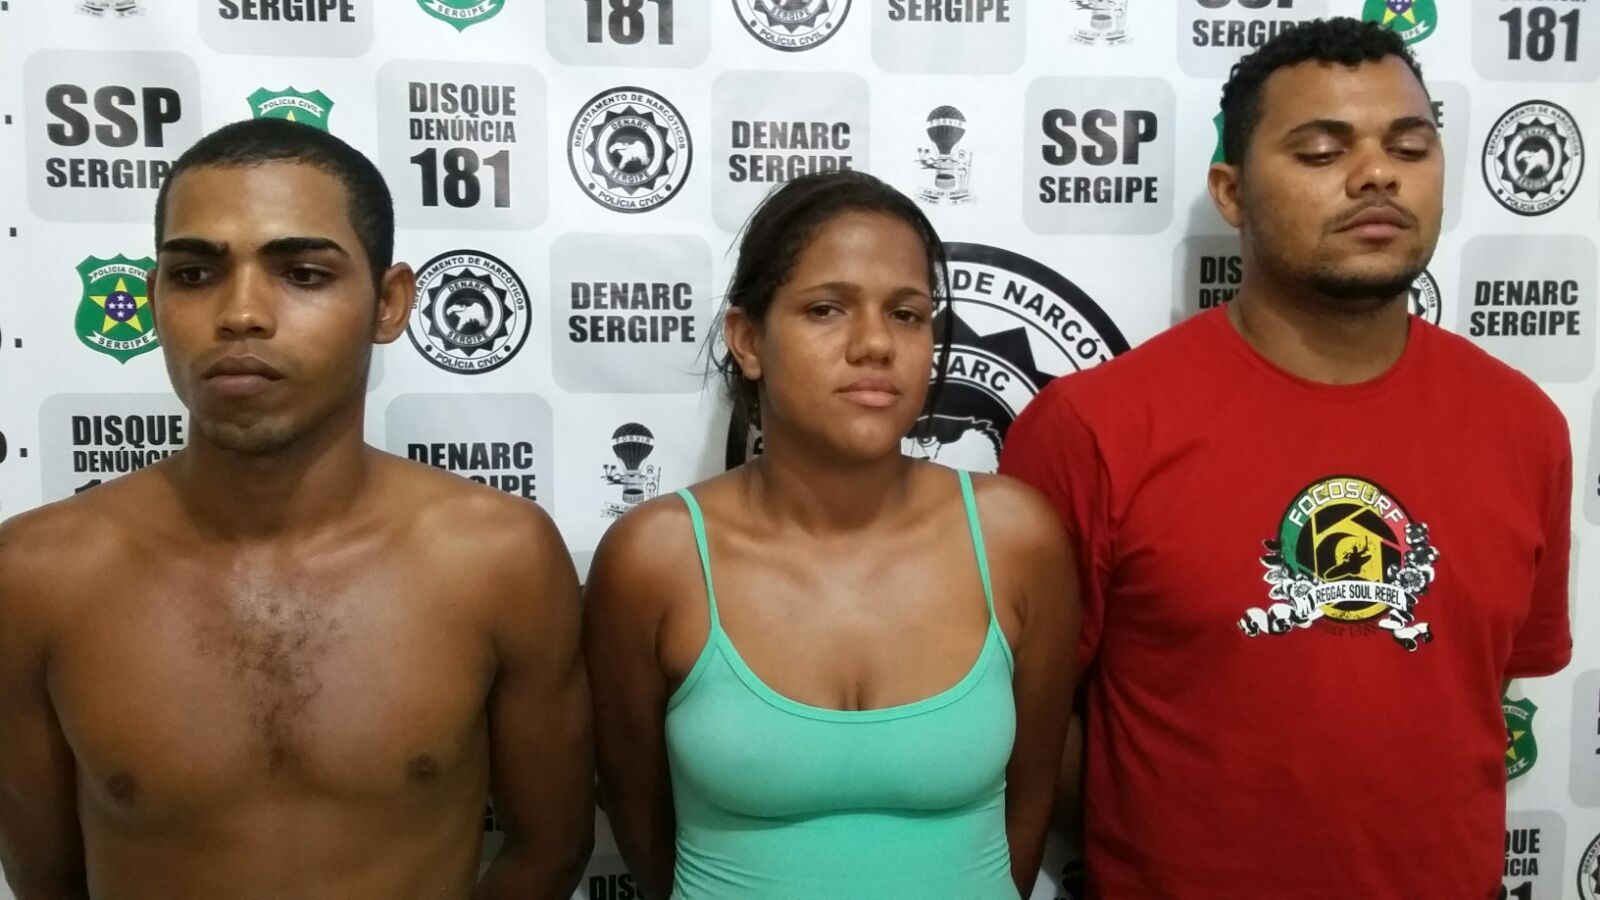 Polícia prende irmãos acusados de tráfico de drogas